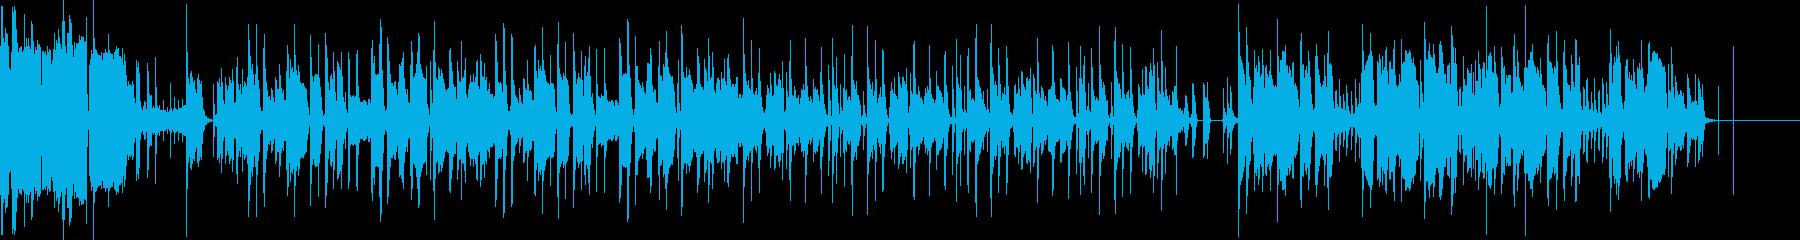 テンポにとらわれない機械音などが印象的の再生済みの波形